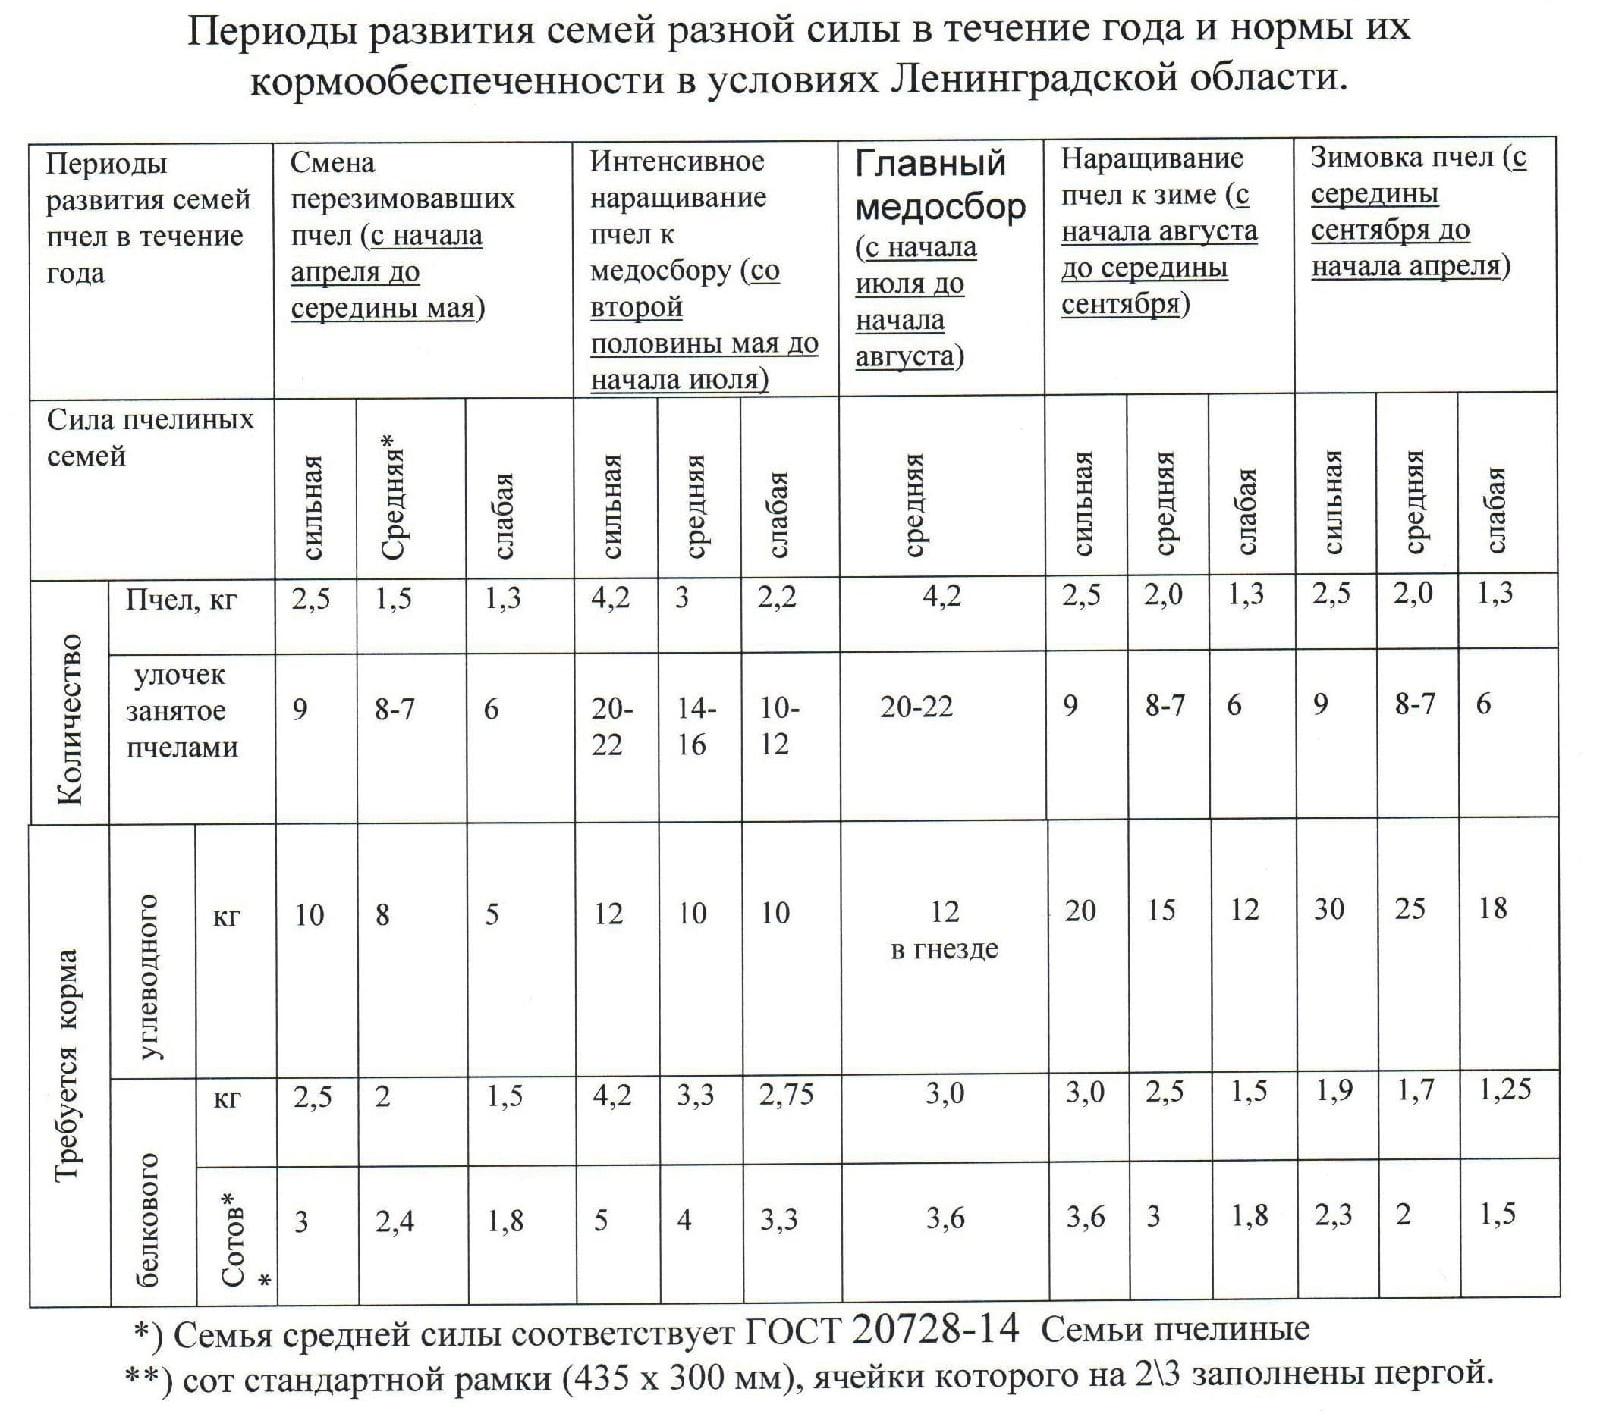 нормативы в пчеловодстве для Лен. области